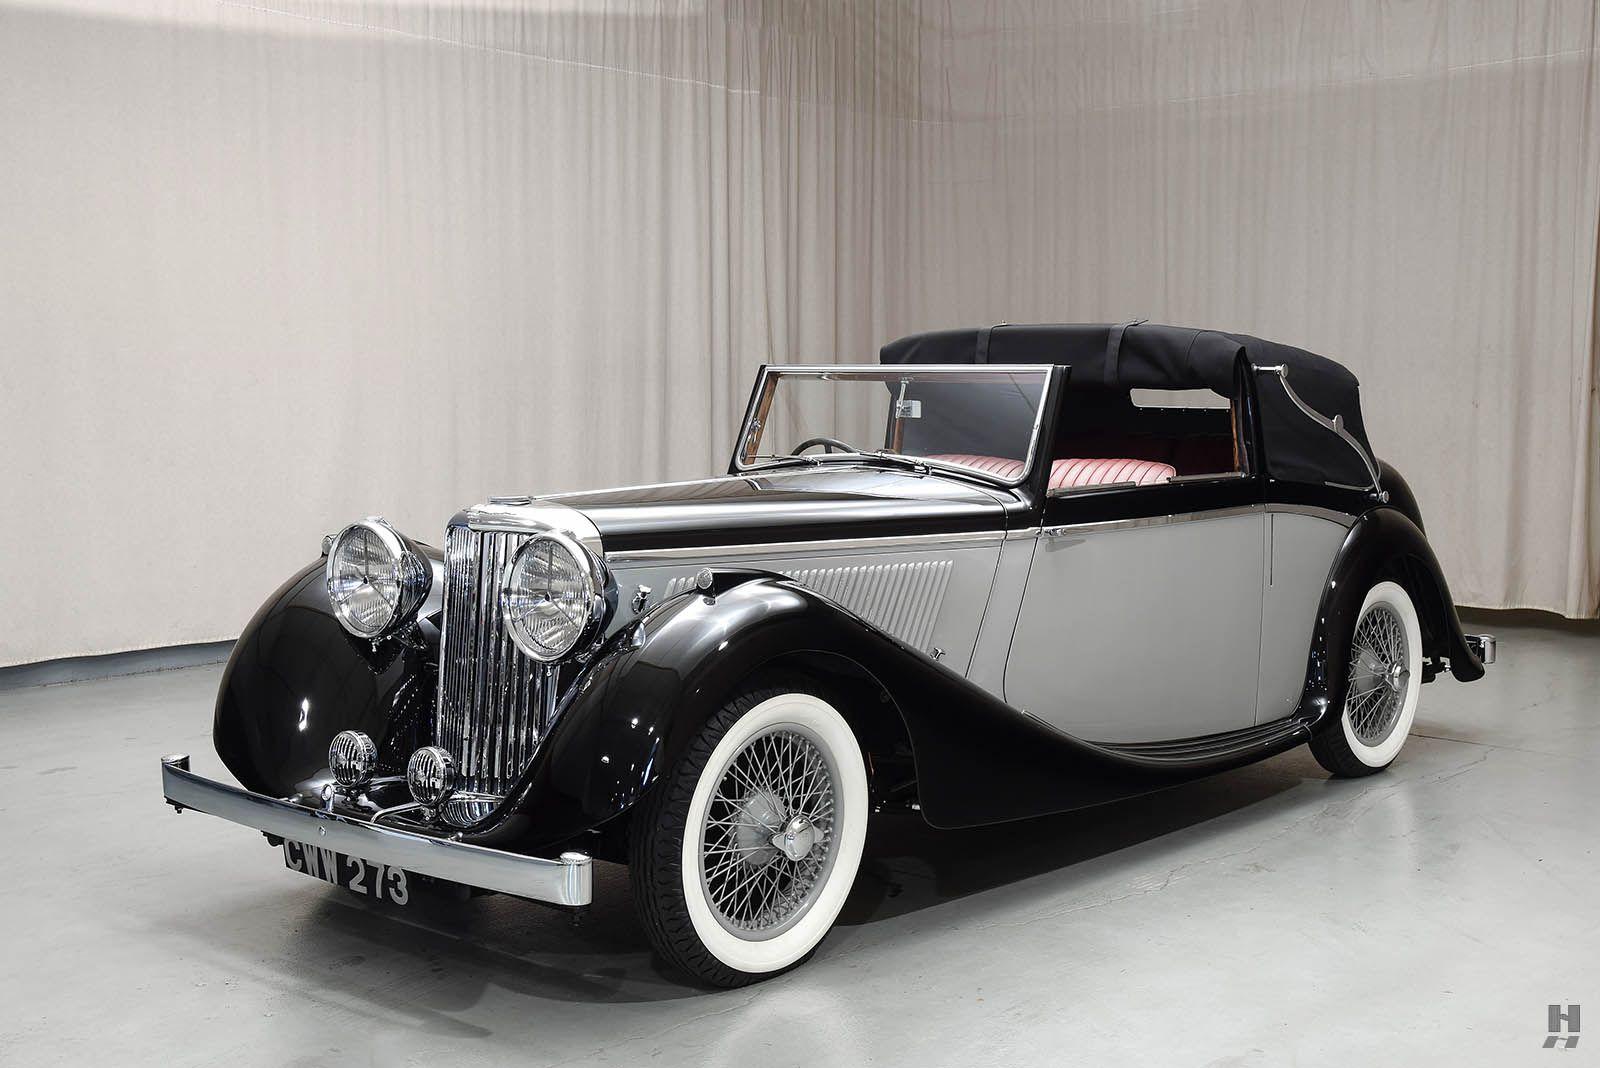 1938 SS Jaguar 2 1/2 Litre Drop Head Coupe - Hyman Ltd. Classic Cars ...